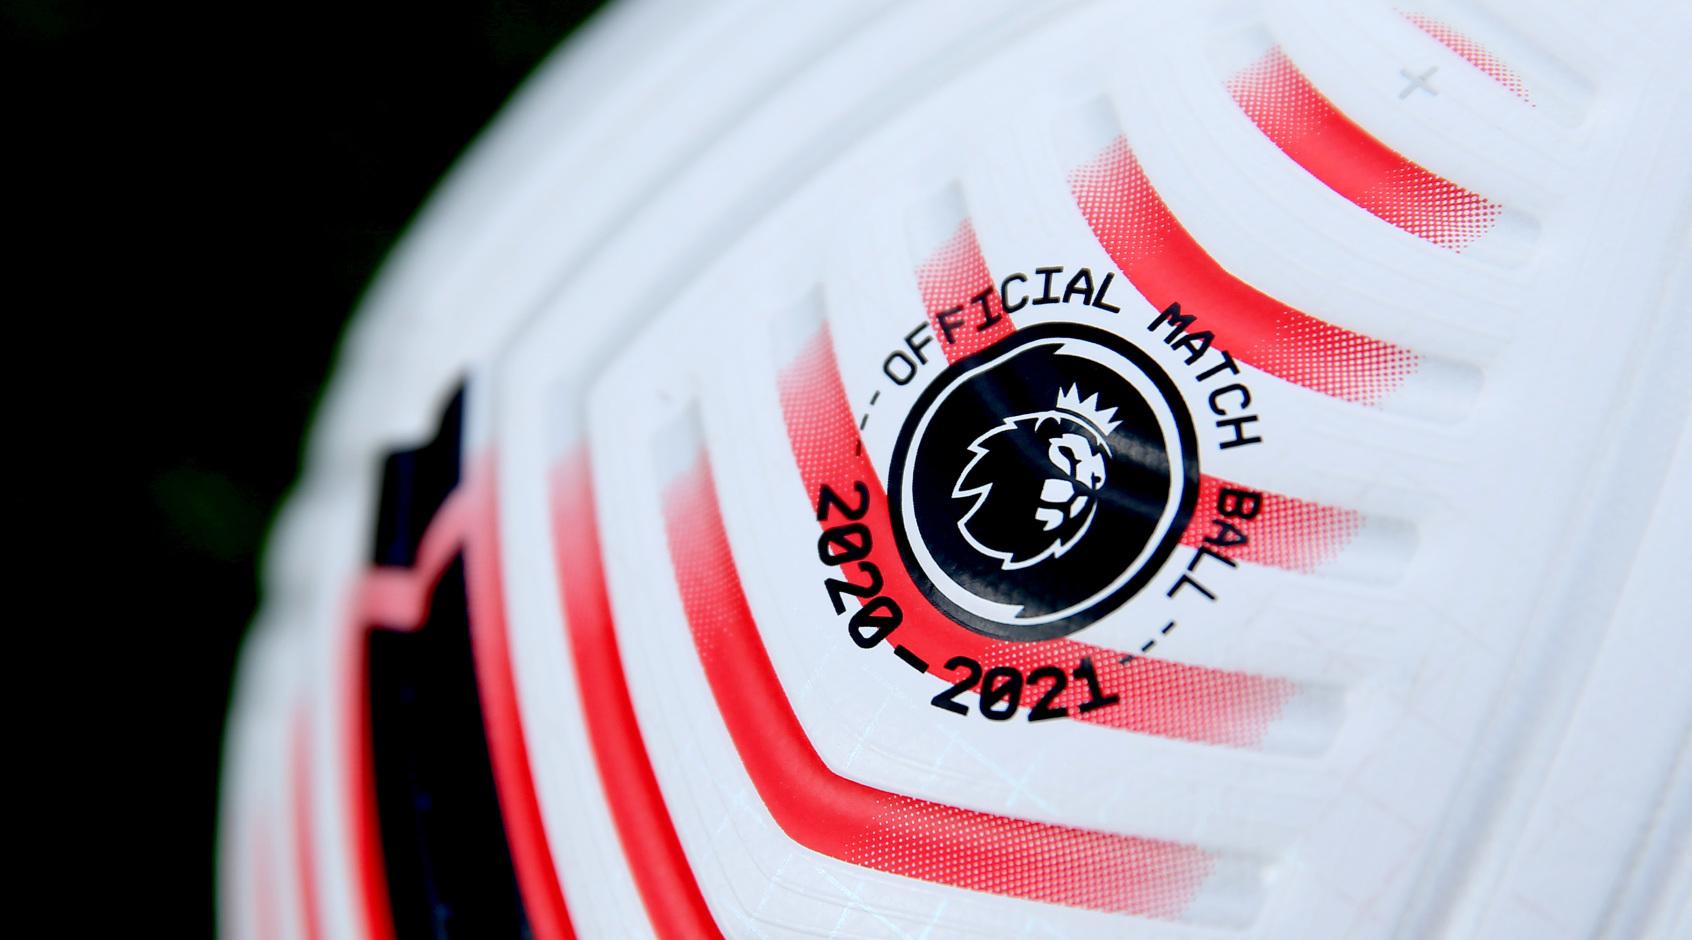 Болельщиков вернут на стадионы АПЛ с 17 мая, пускать будут до 10 тысяч человек